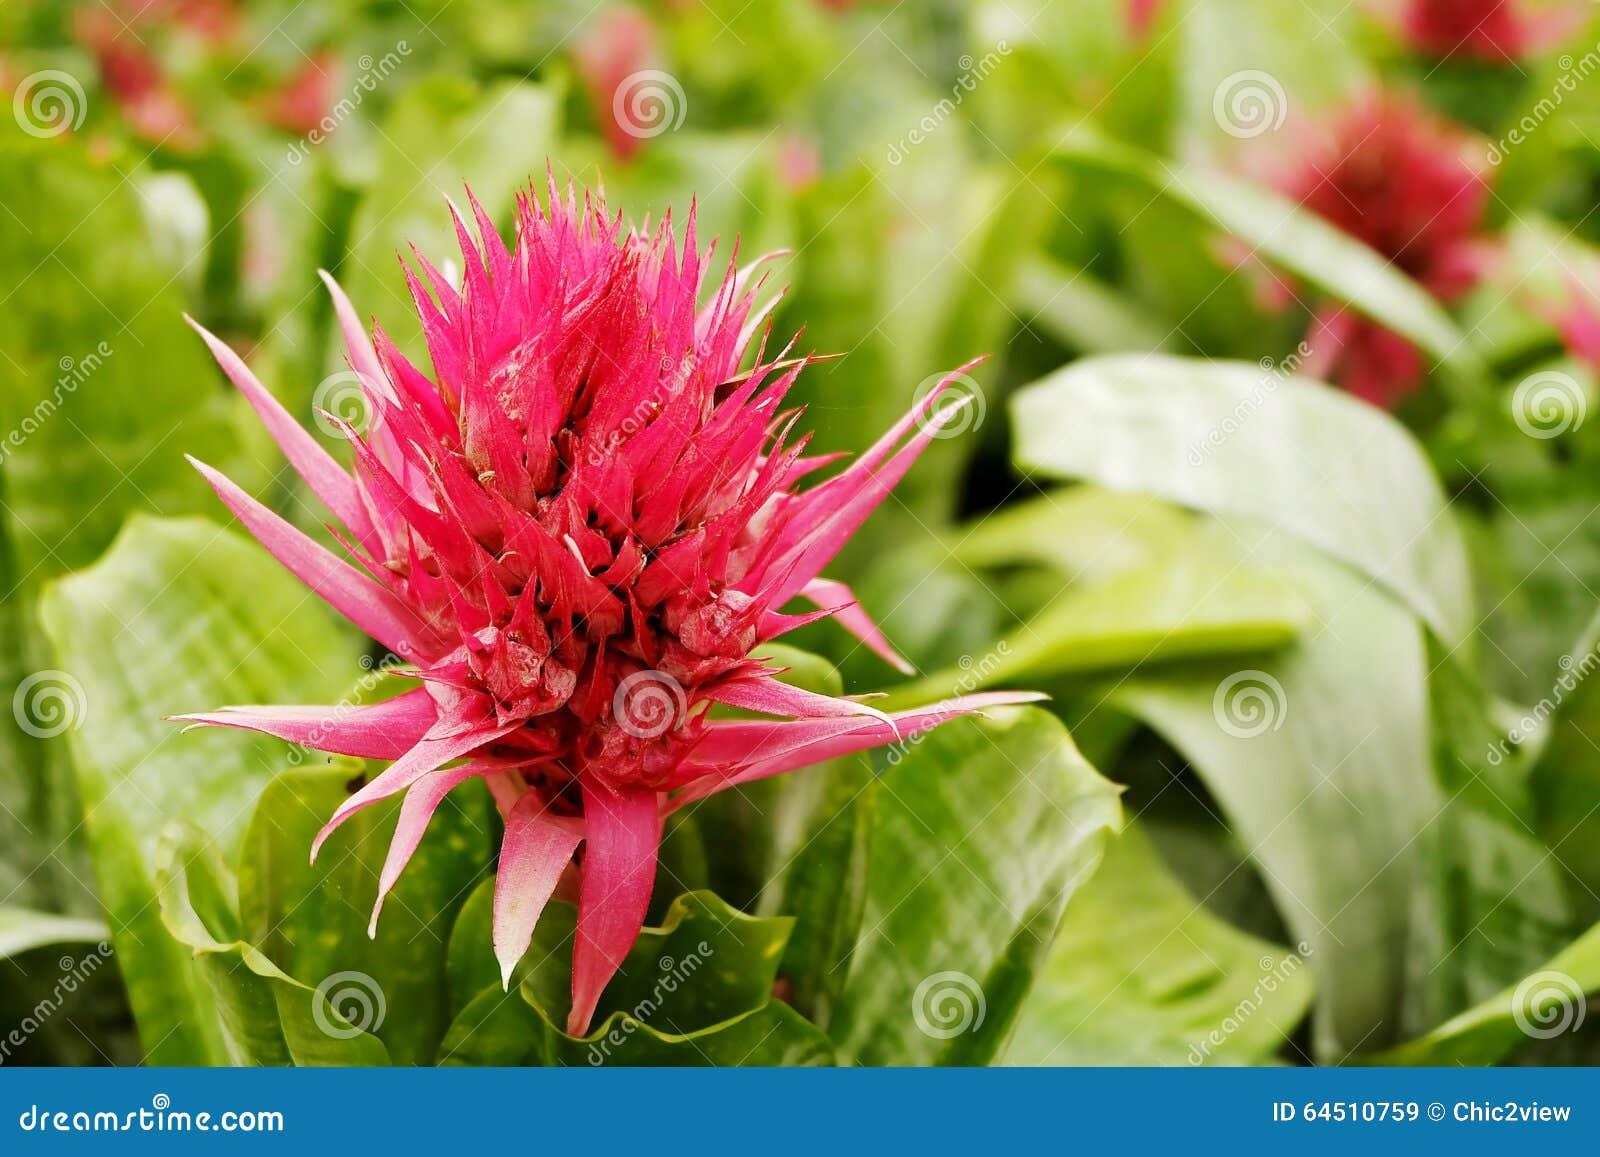 Aechmea ramosa silver vase bromeliad pineapple flowers stock image aechmea ramosa silver vase bromeliad pineapple flowers reviewsmspy